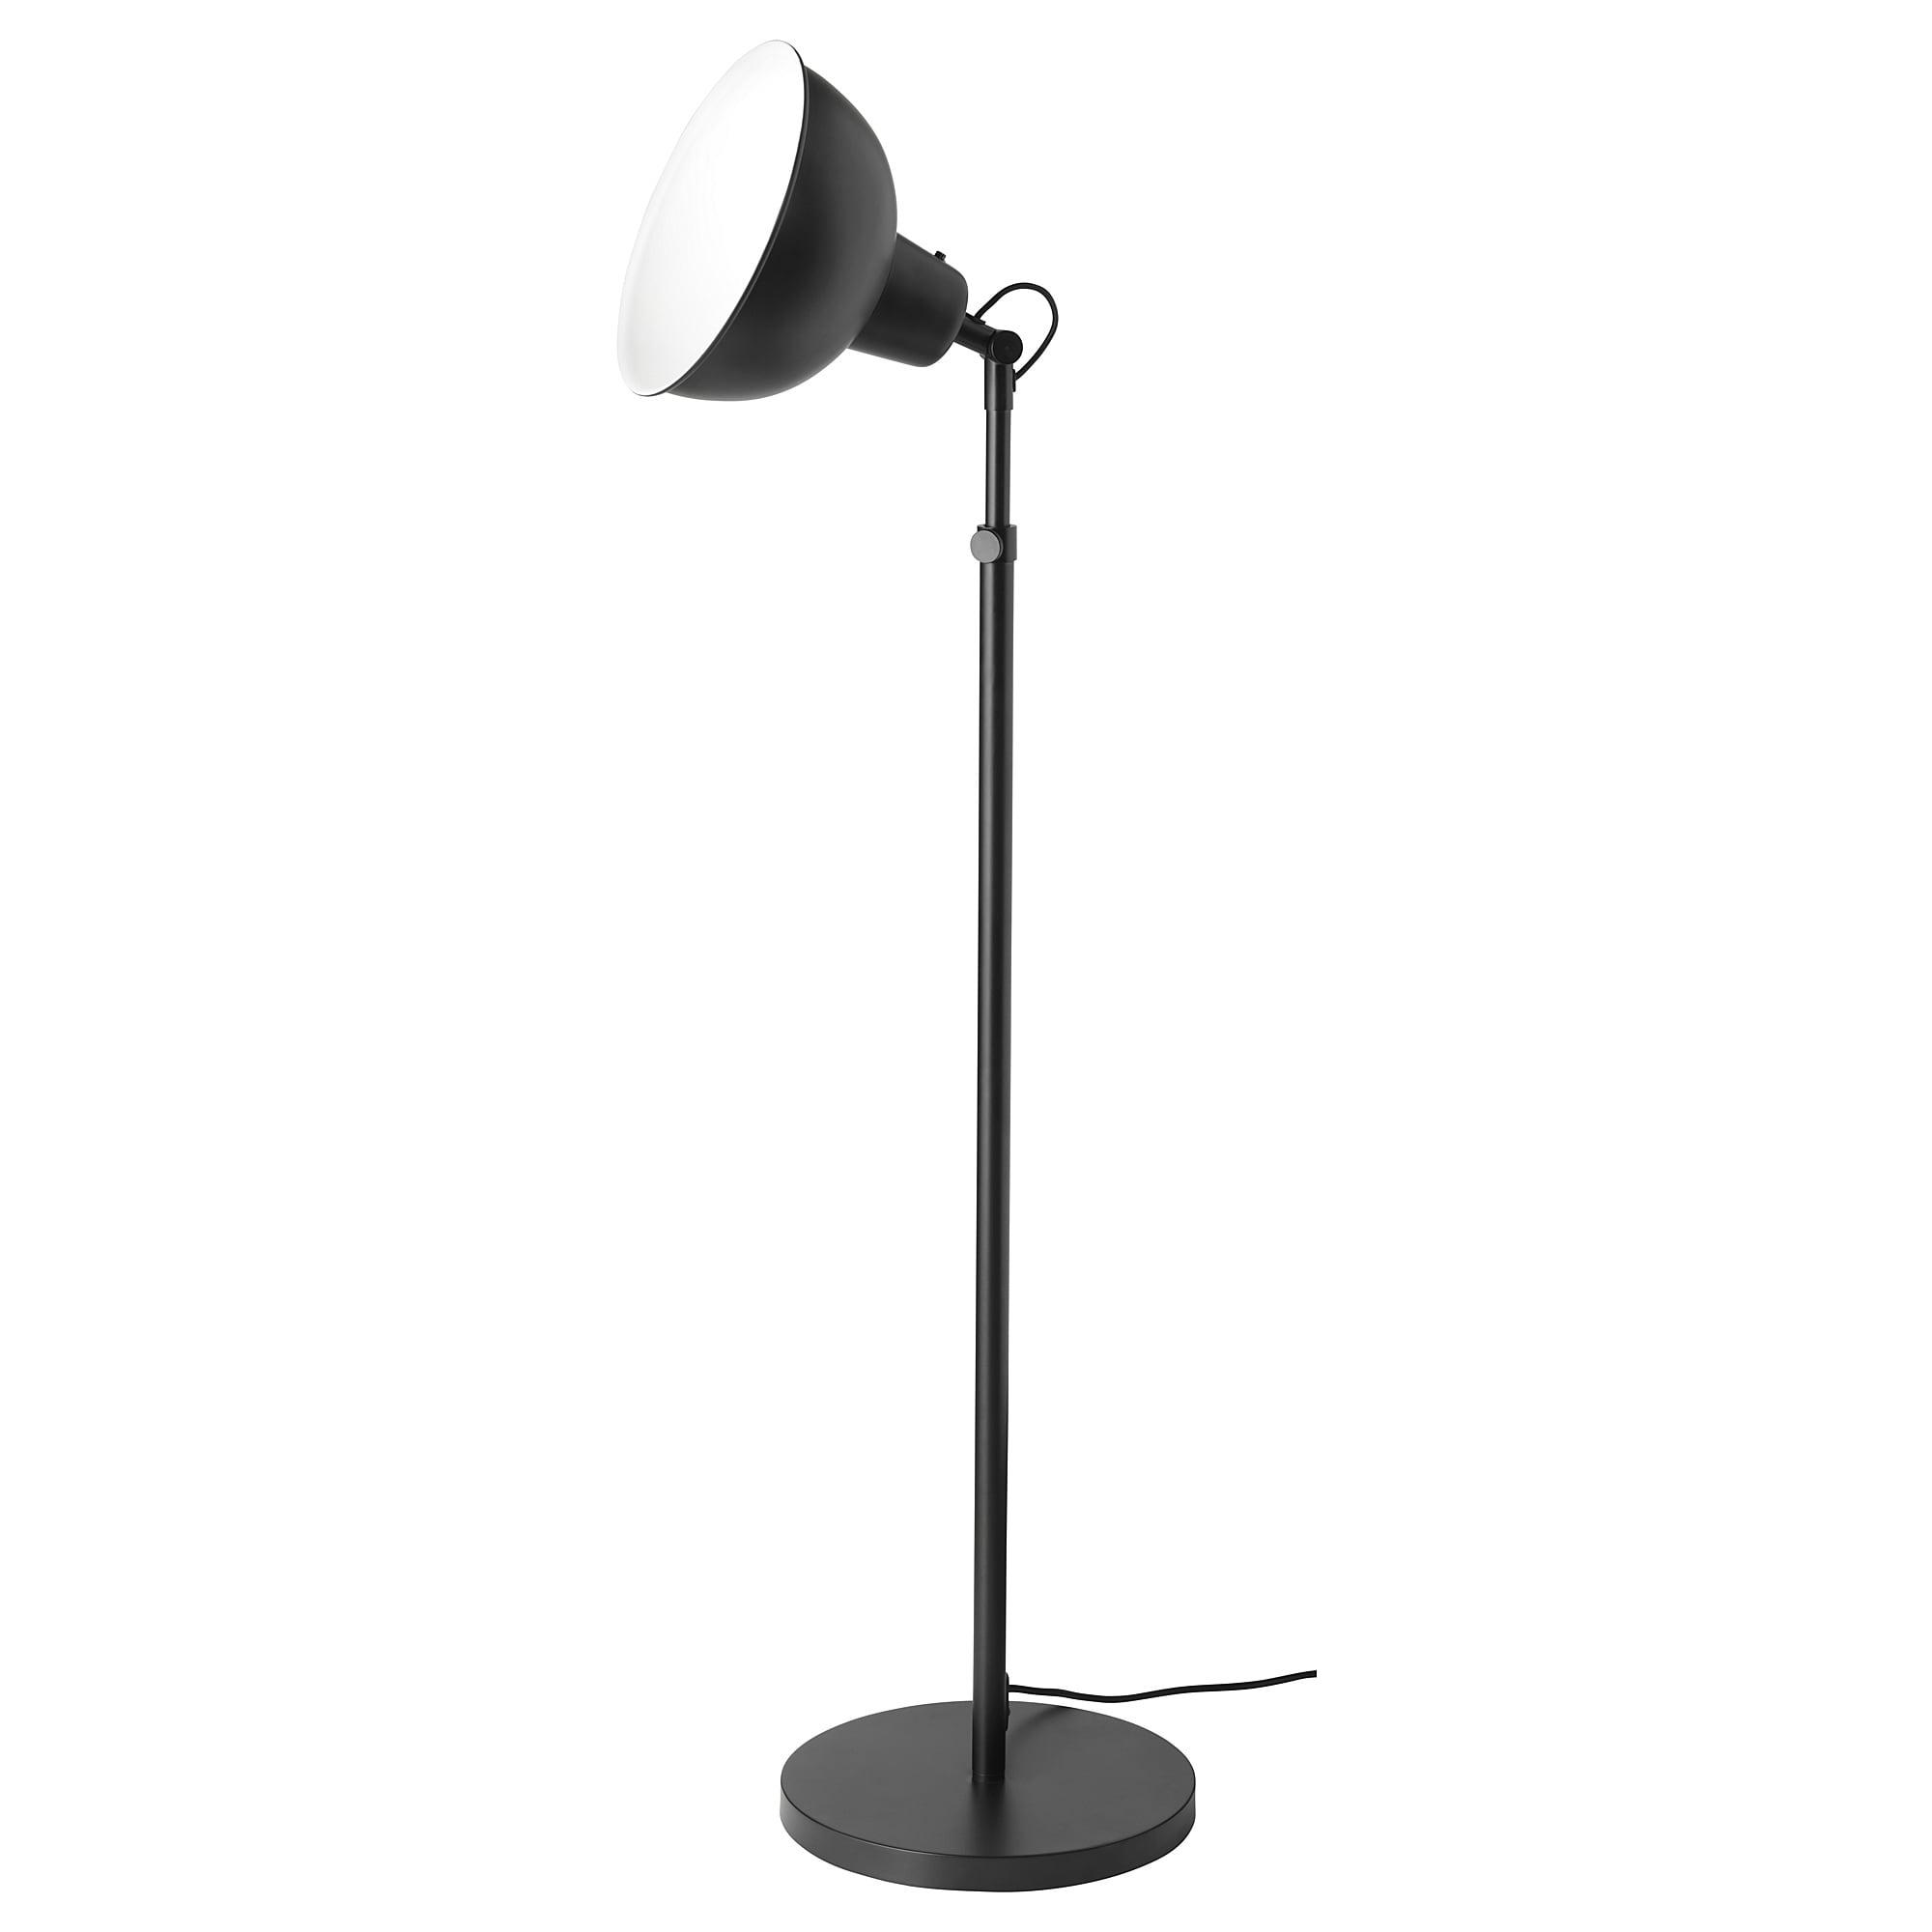 Skurup Floor Lamps Ikea Lamp Ikea Floor Lamp Floor Lamp